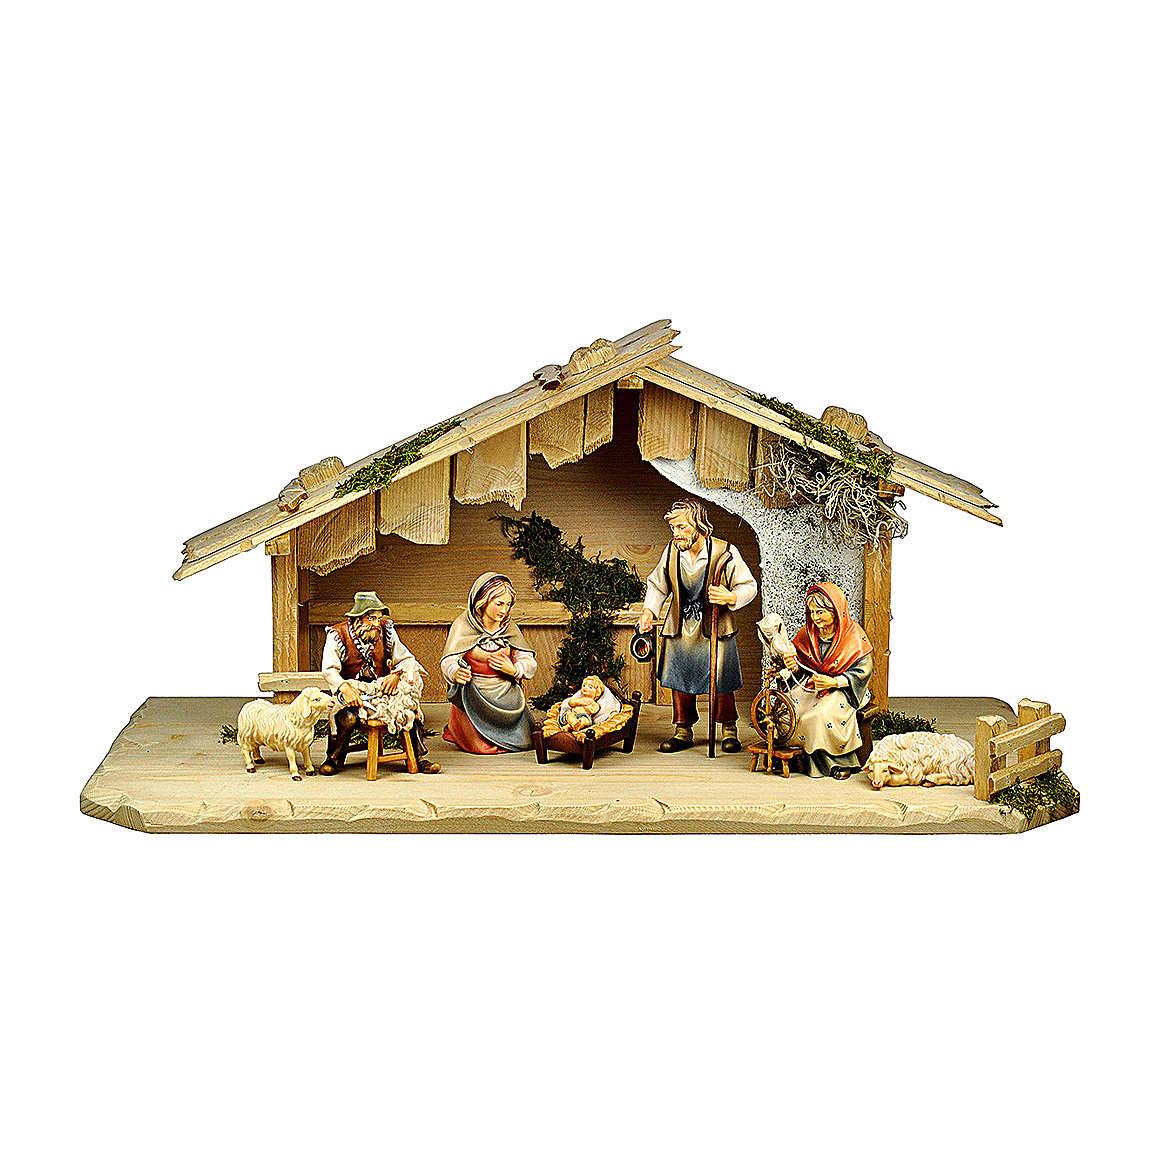 Belén con pastores en casita mod. Original Pastor madera Val Gardena 10 cm de altura media - 7 piezas 4